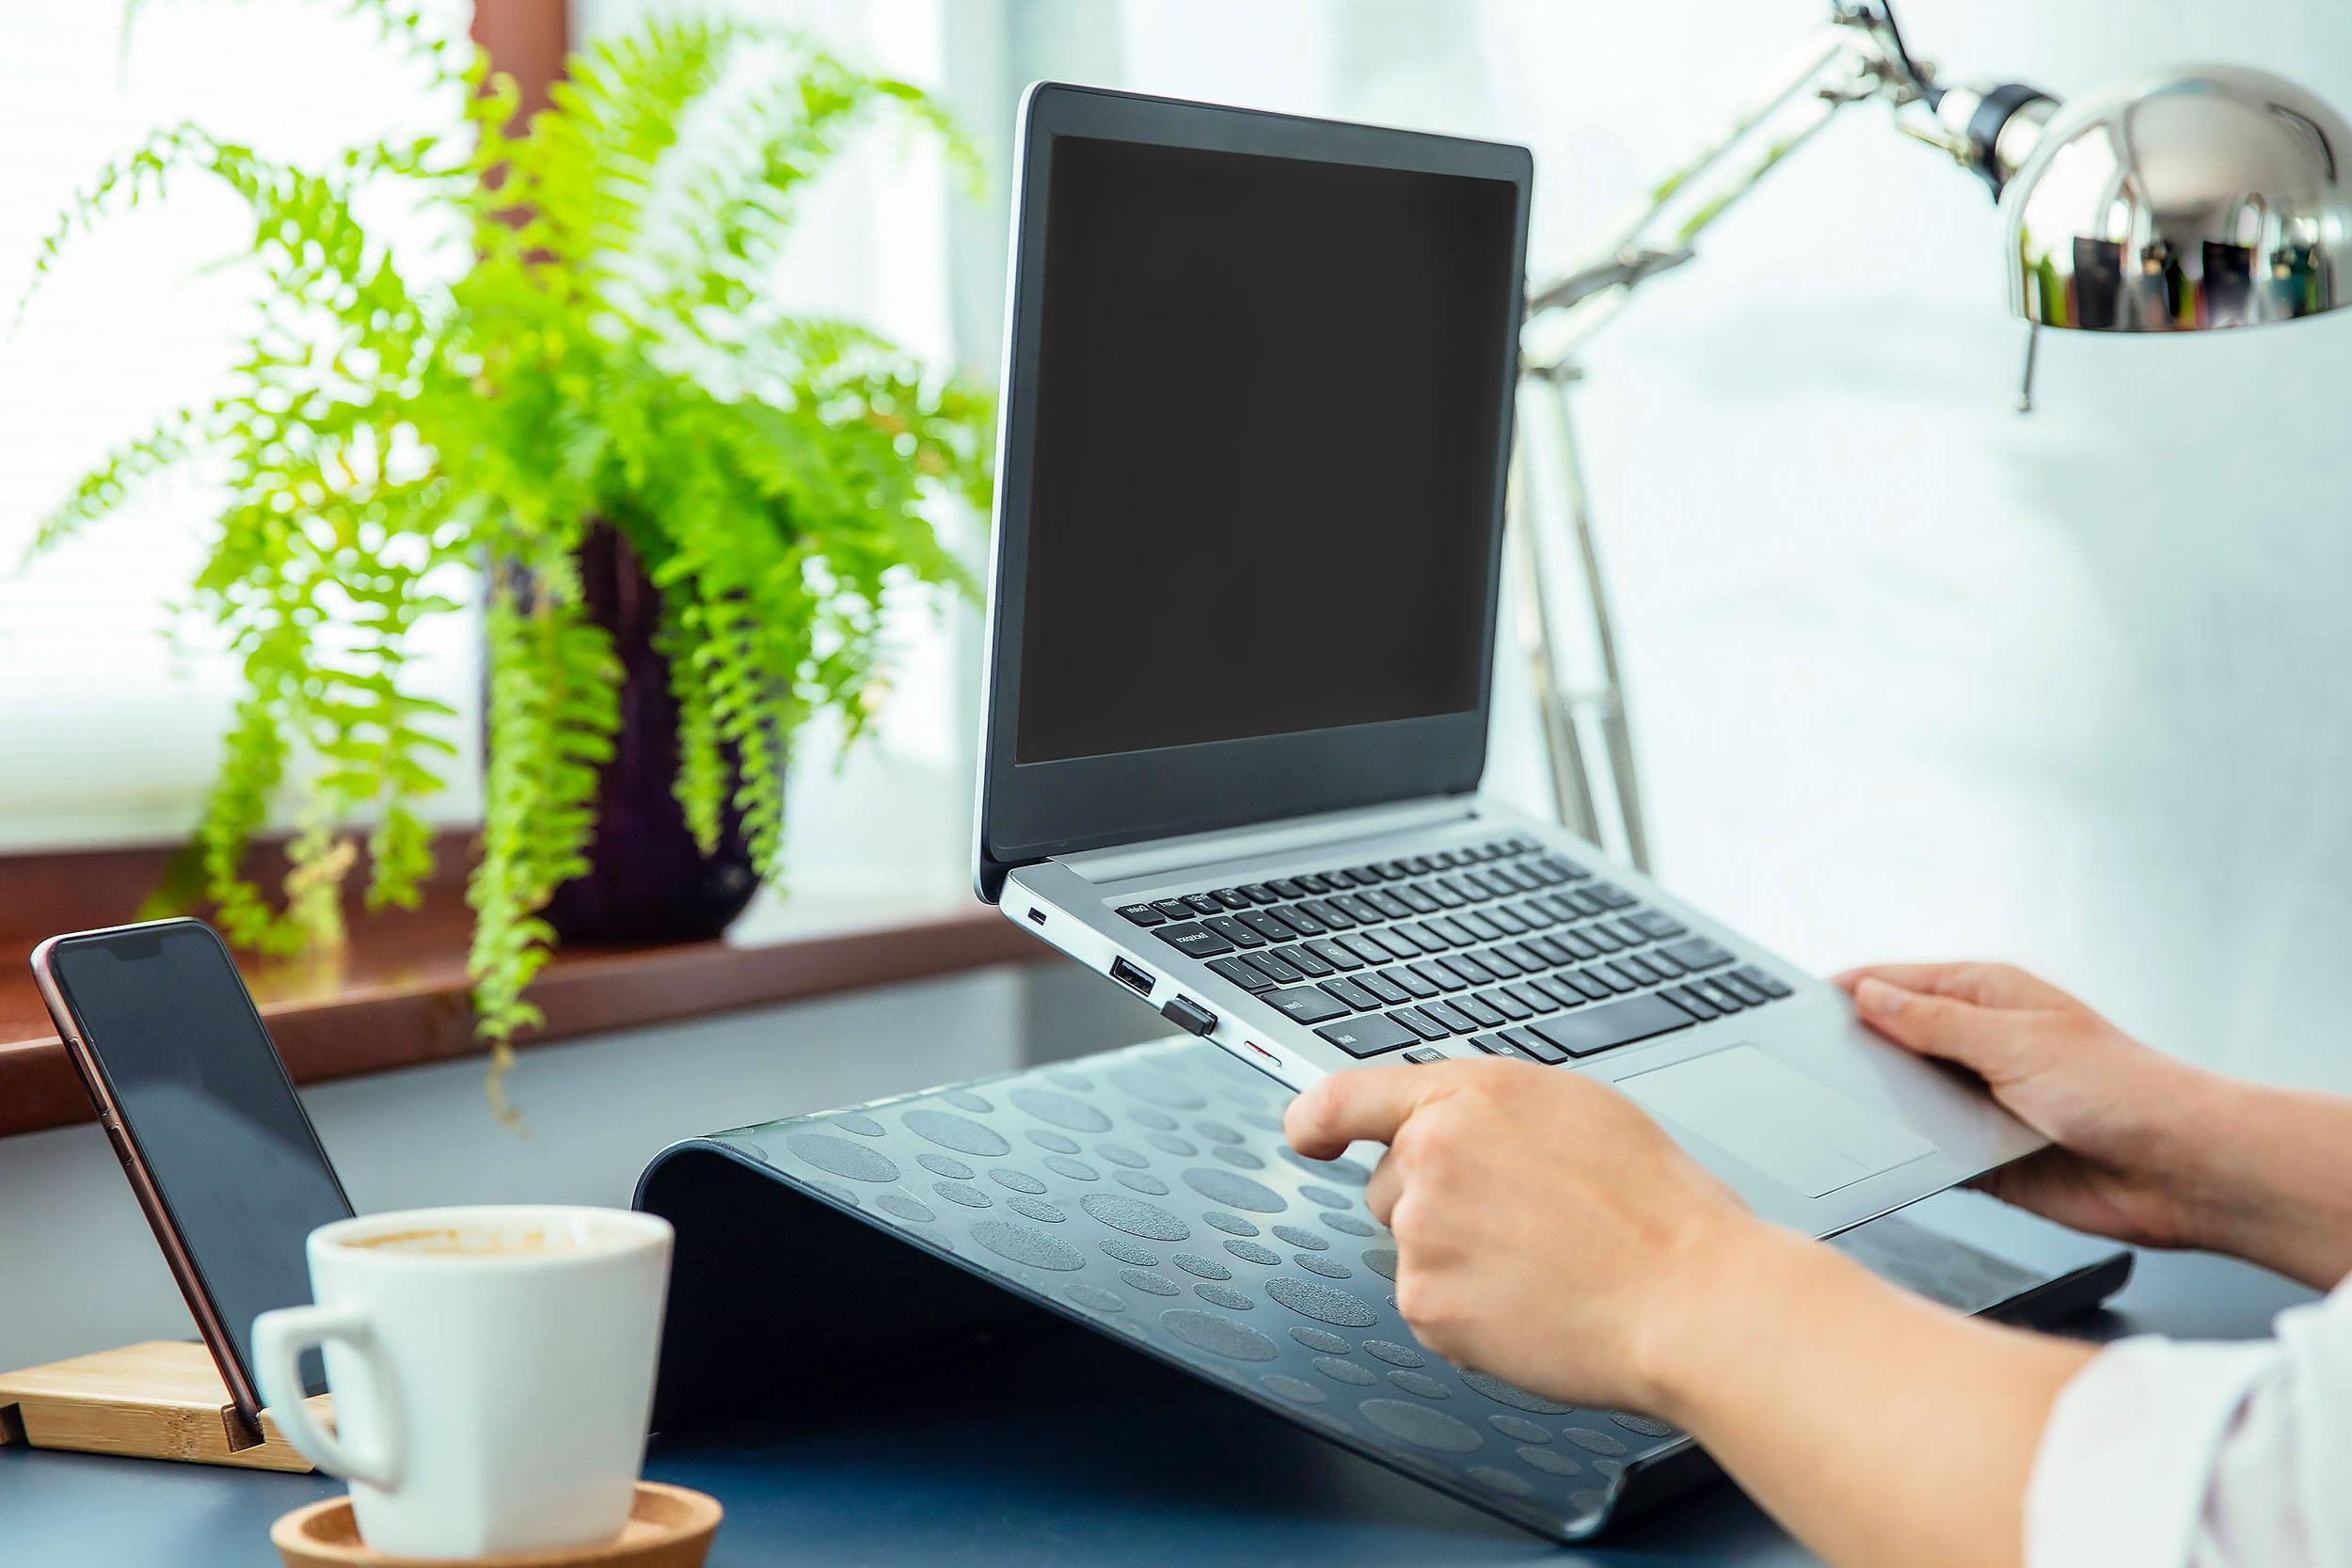 Плюсов у подставки для ноутбука больше, чем минусов